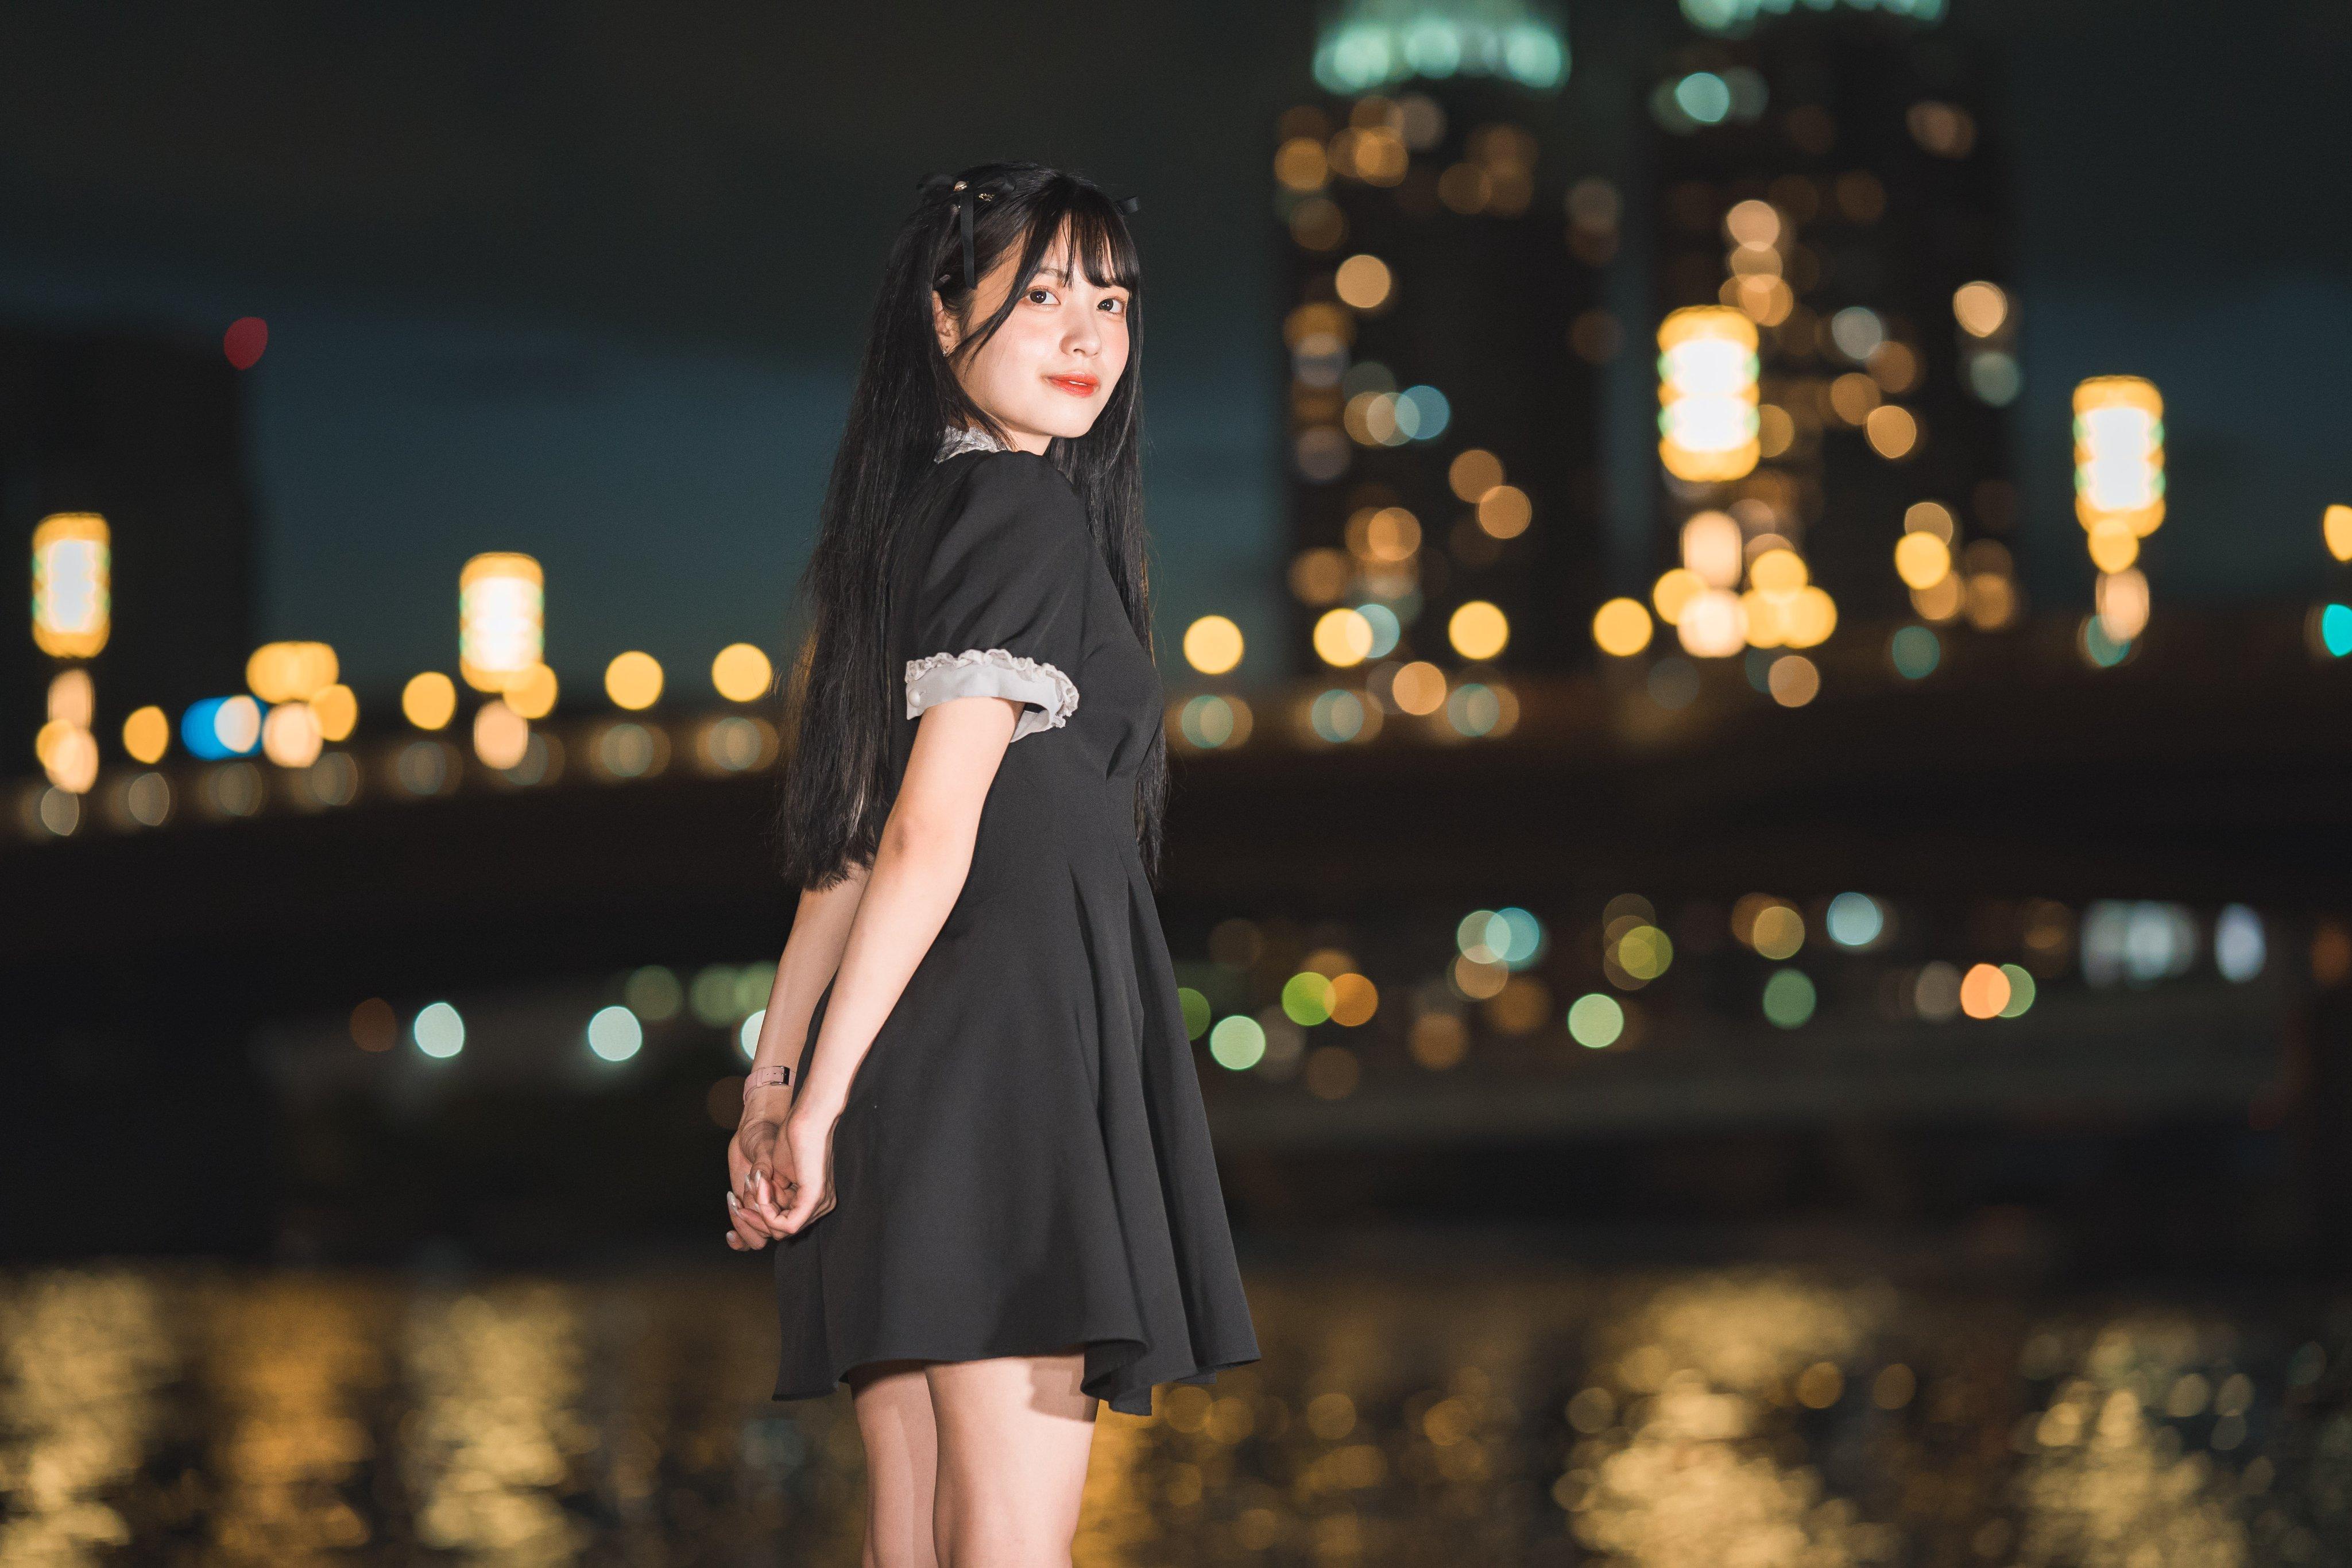 人见黑丝精神爽 骨感妹子玩性感-COS精选二百六十一弹 动漫漫画 第11张